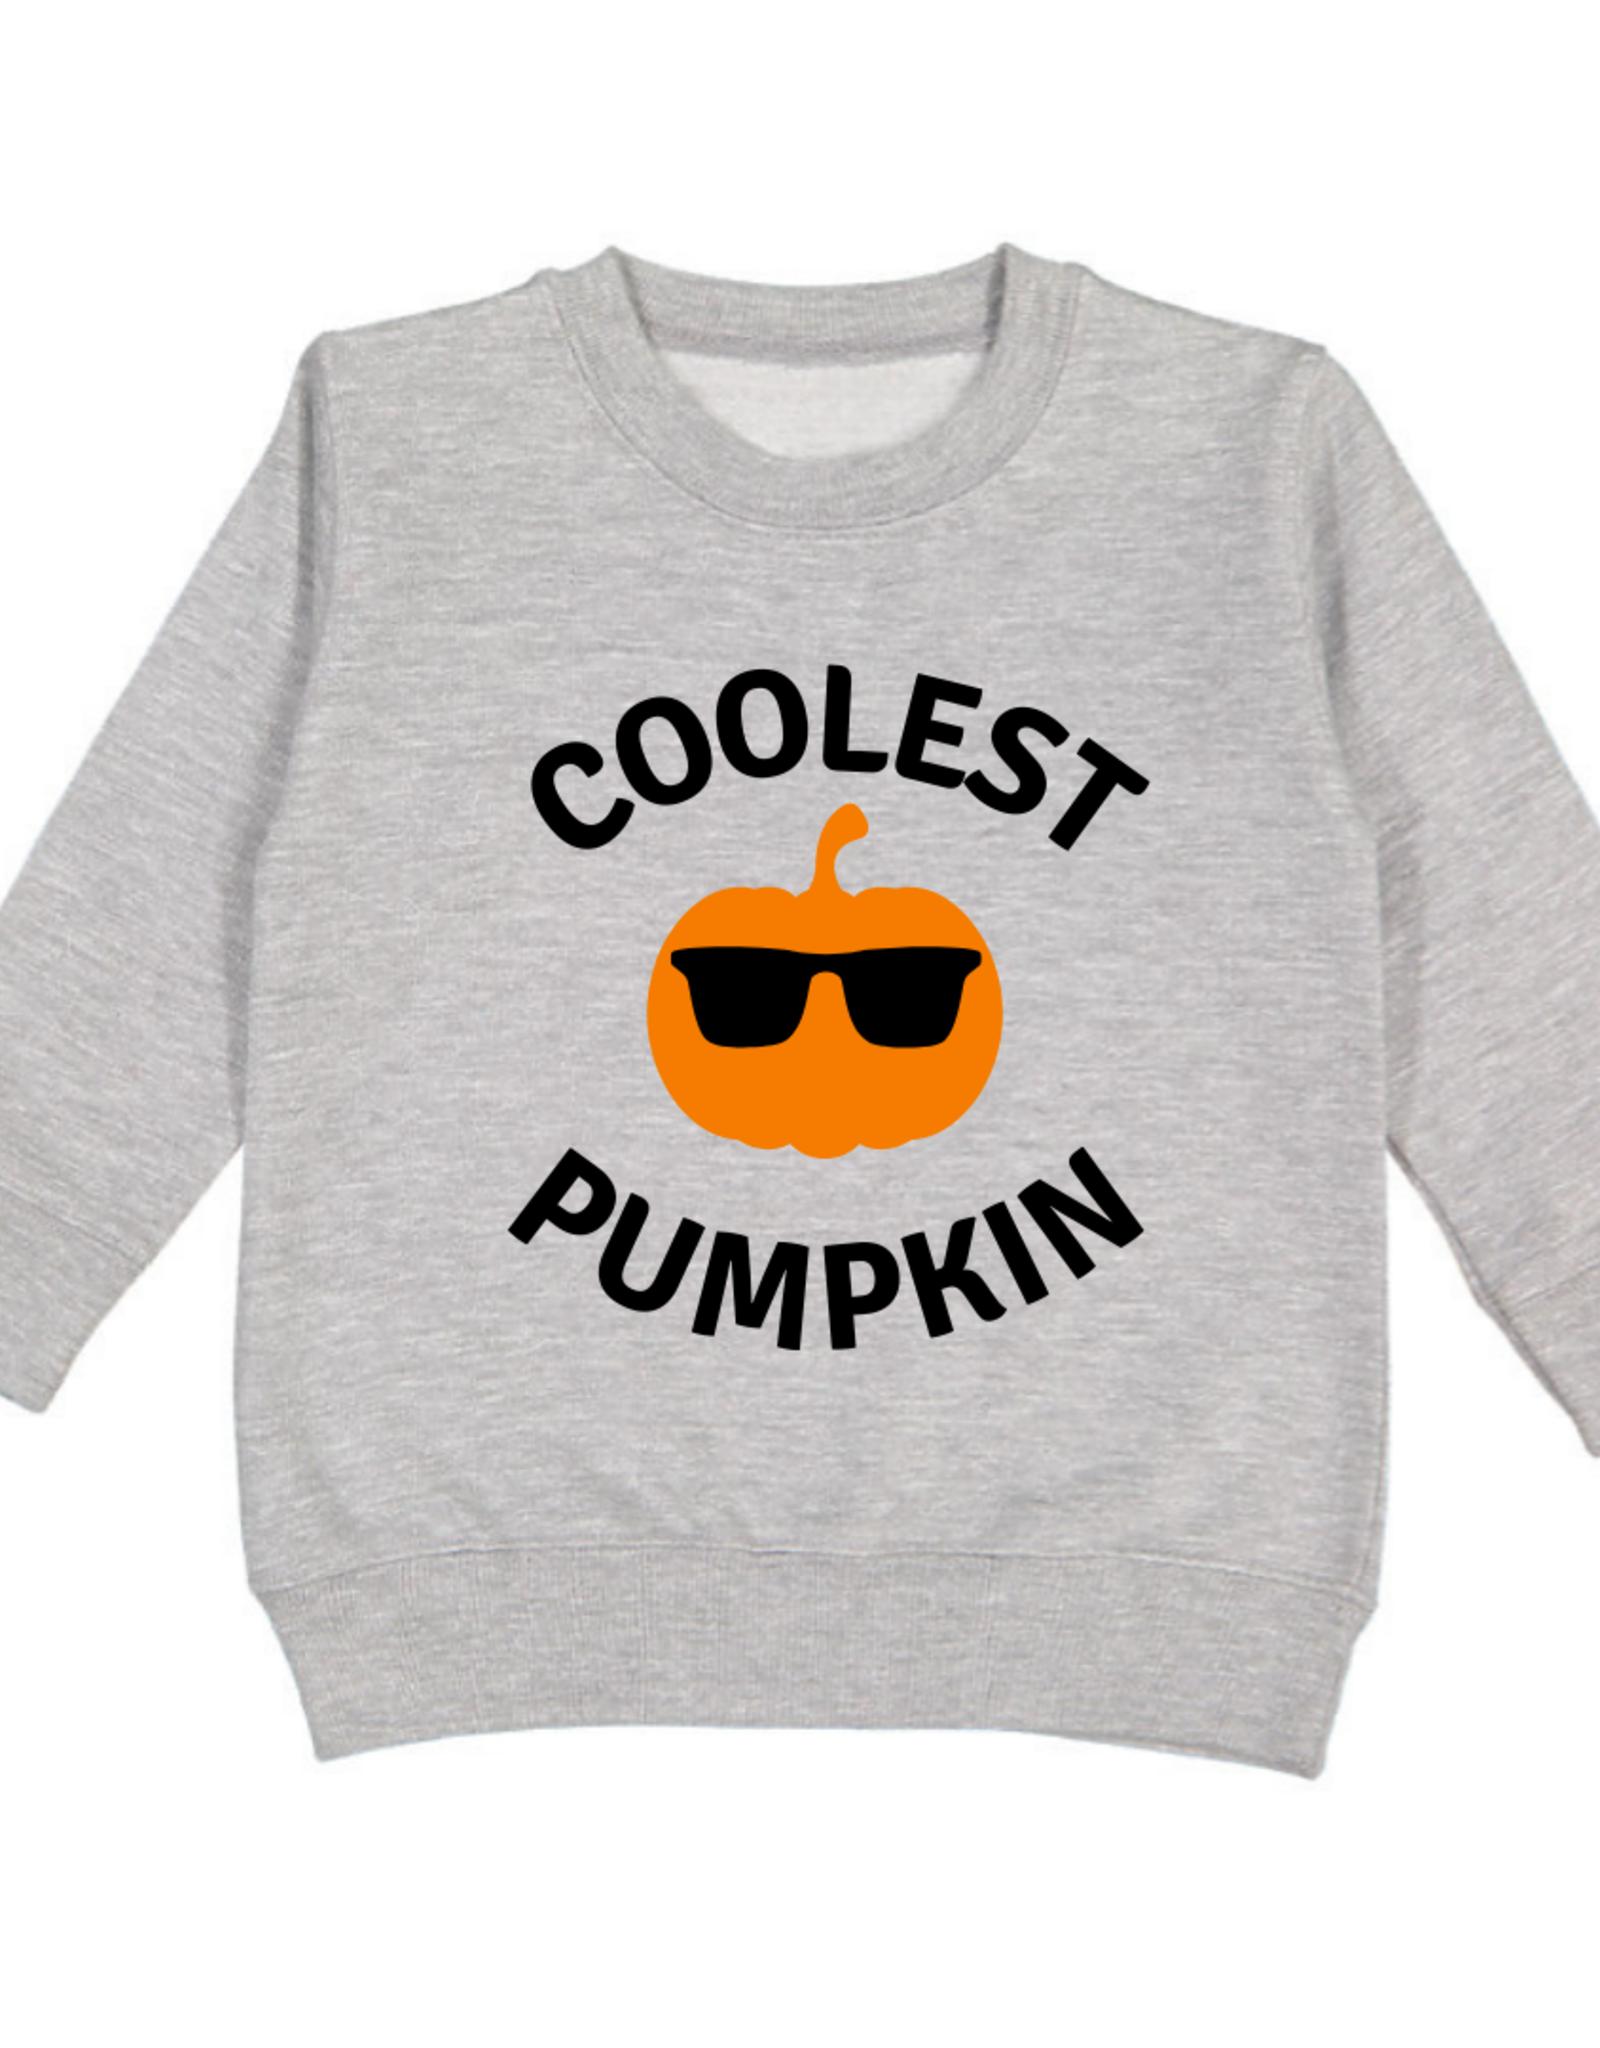 Coolest Pumpkin Sweatshirt